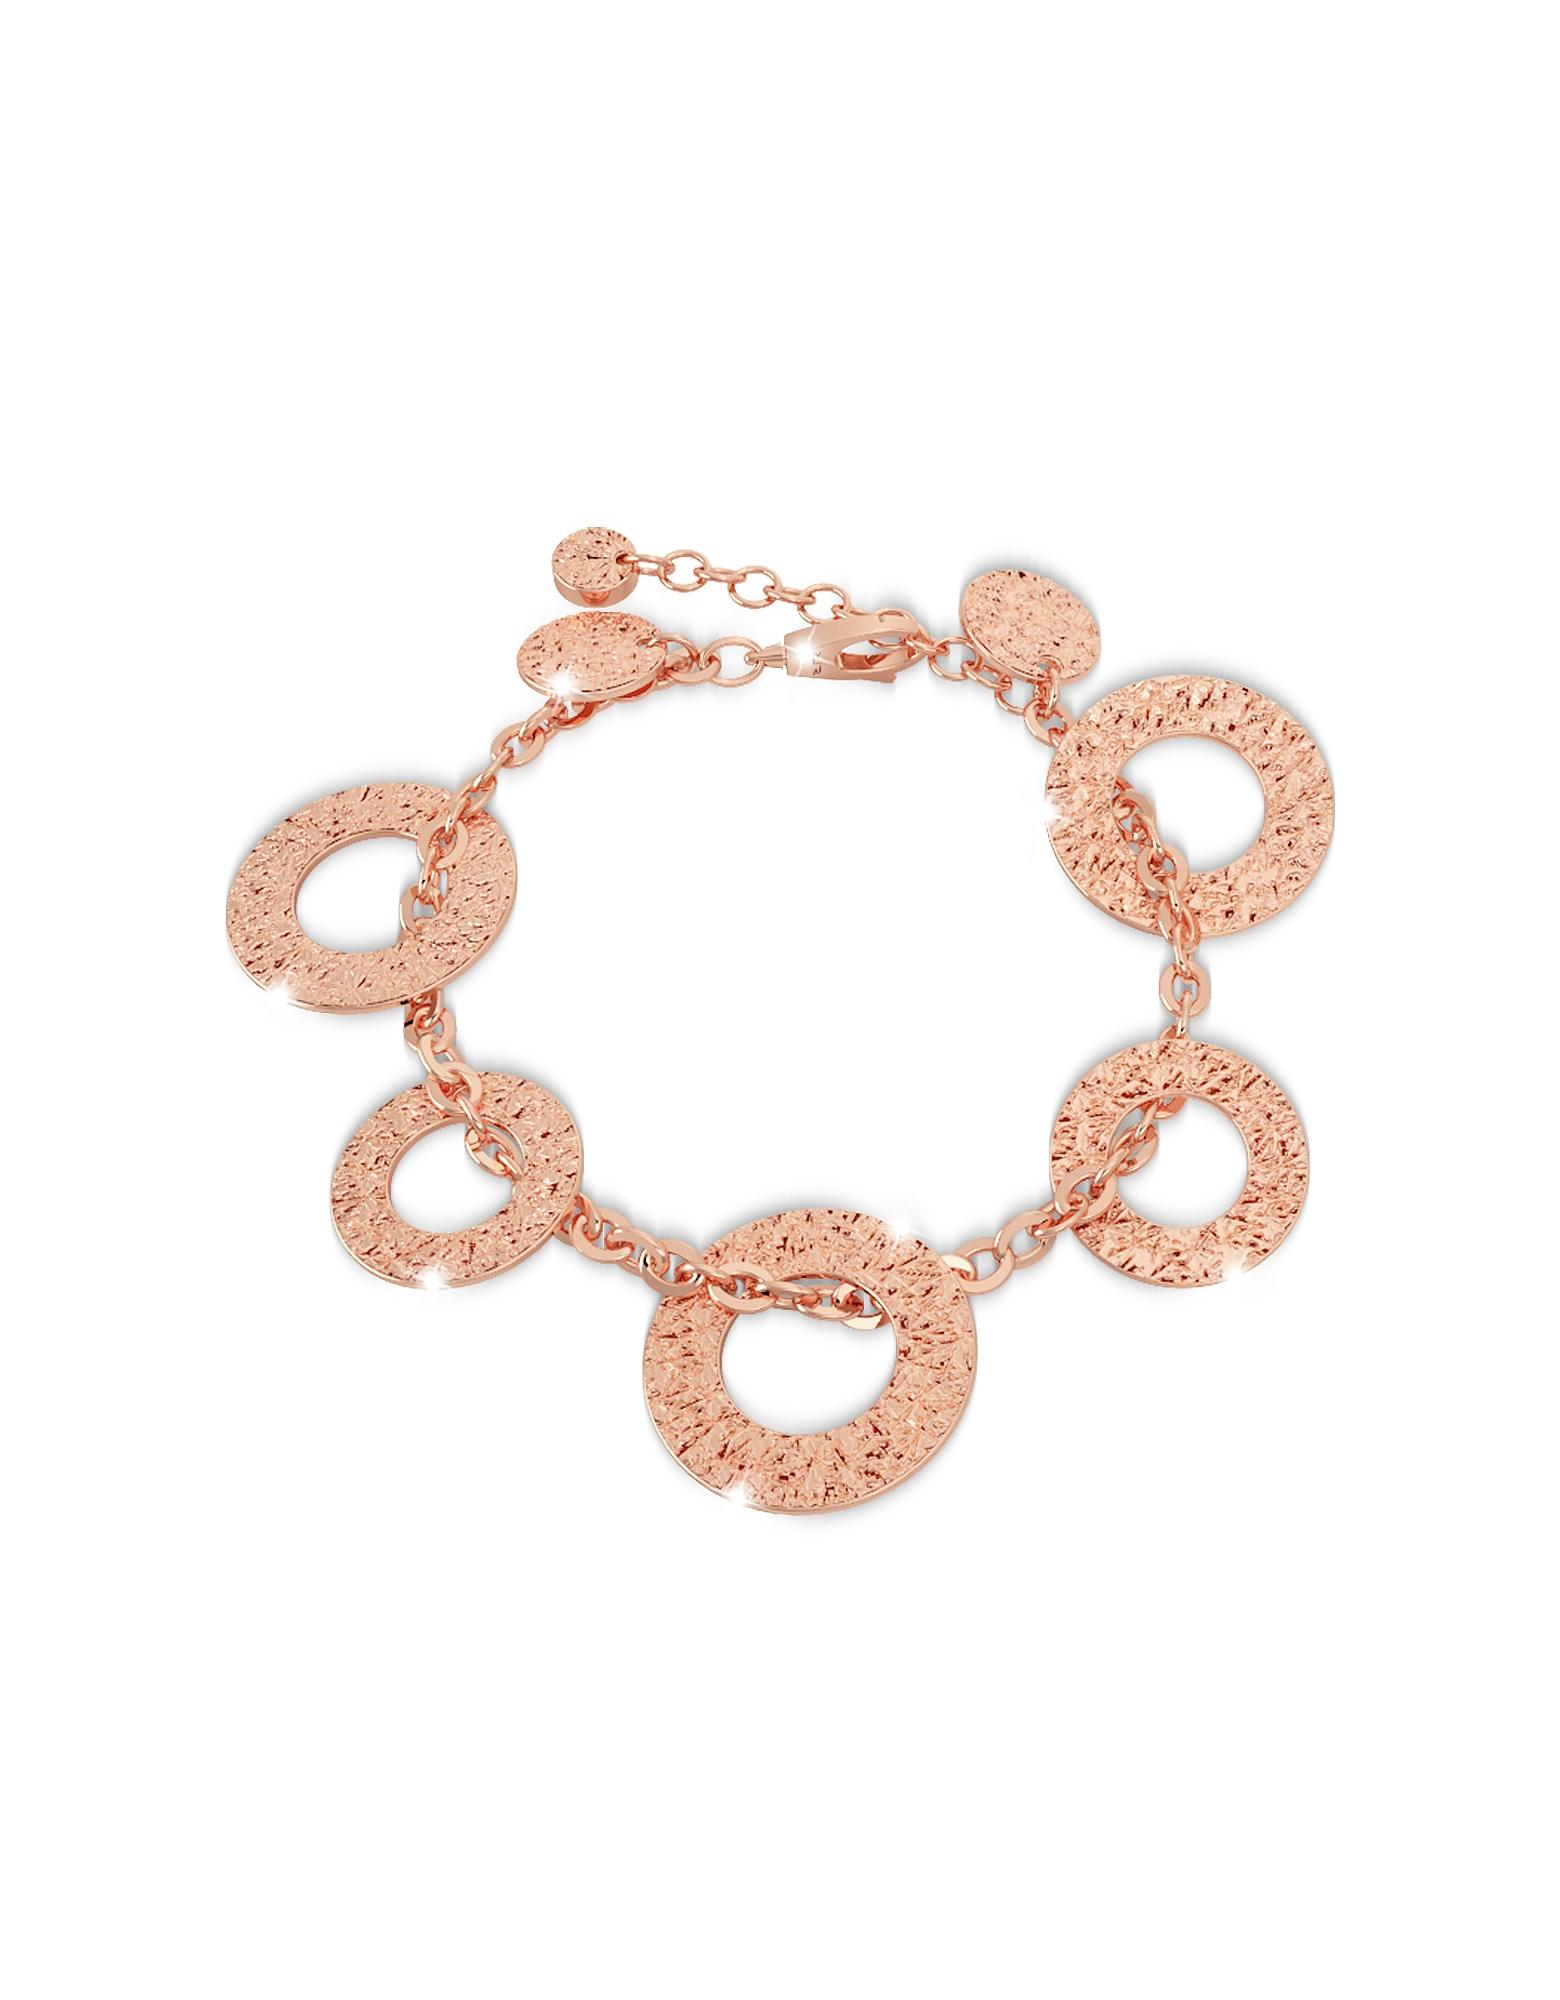 Rebecca Bracelets, R-ZERO Rose Gold Over Bronze Bracelet